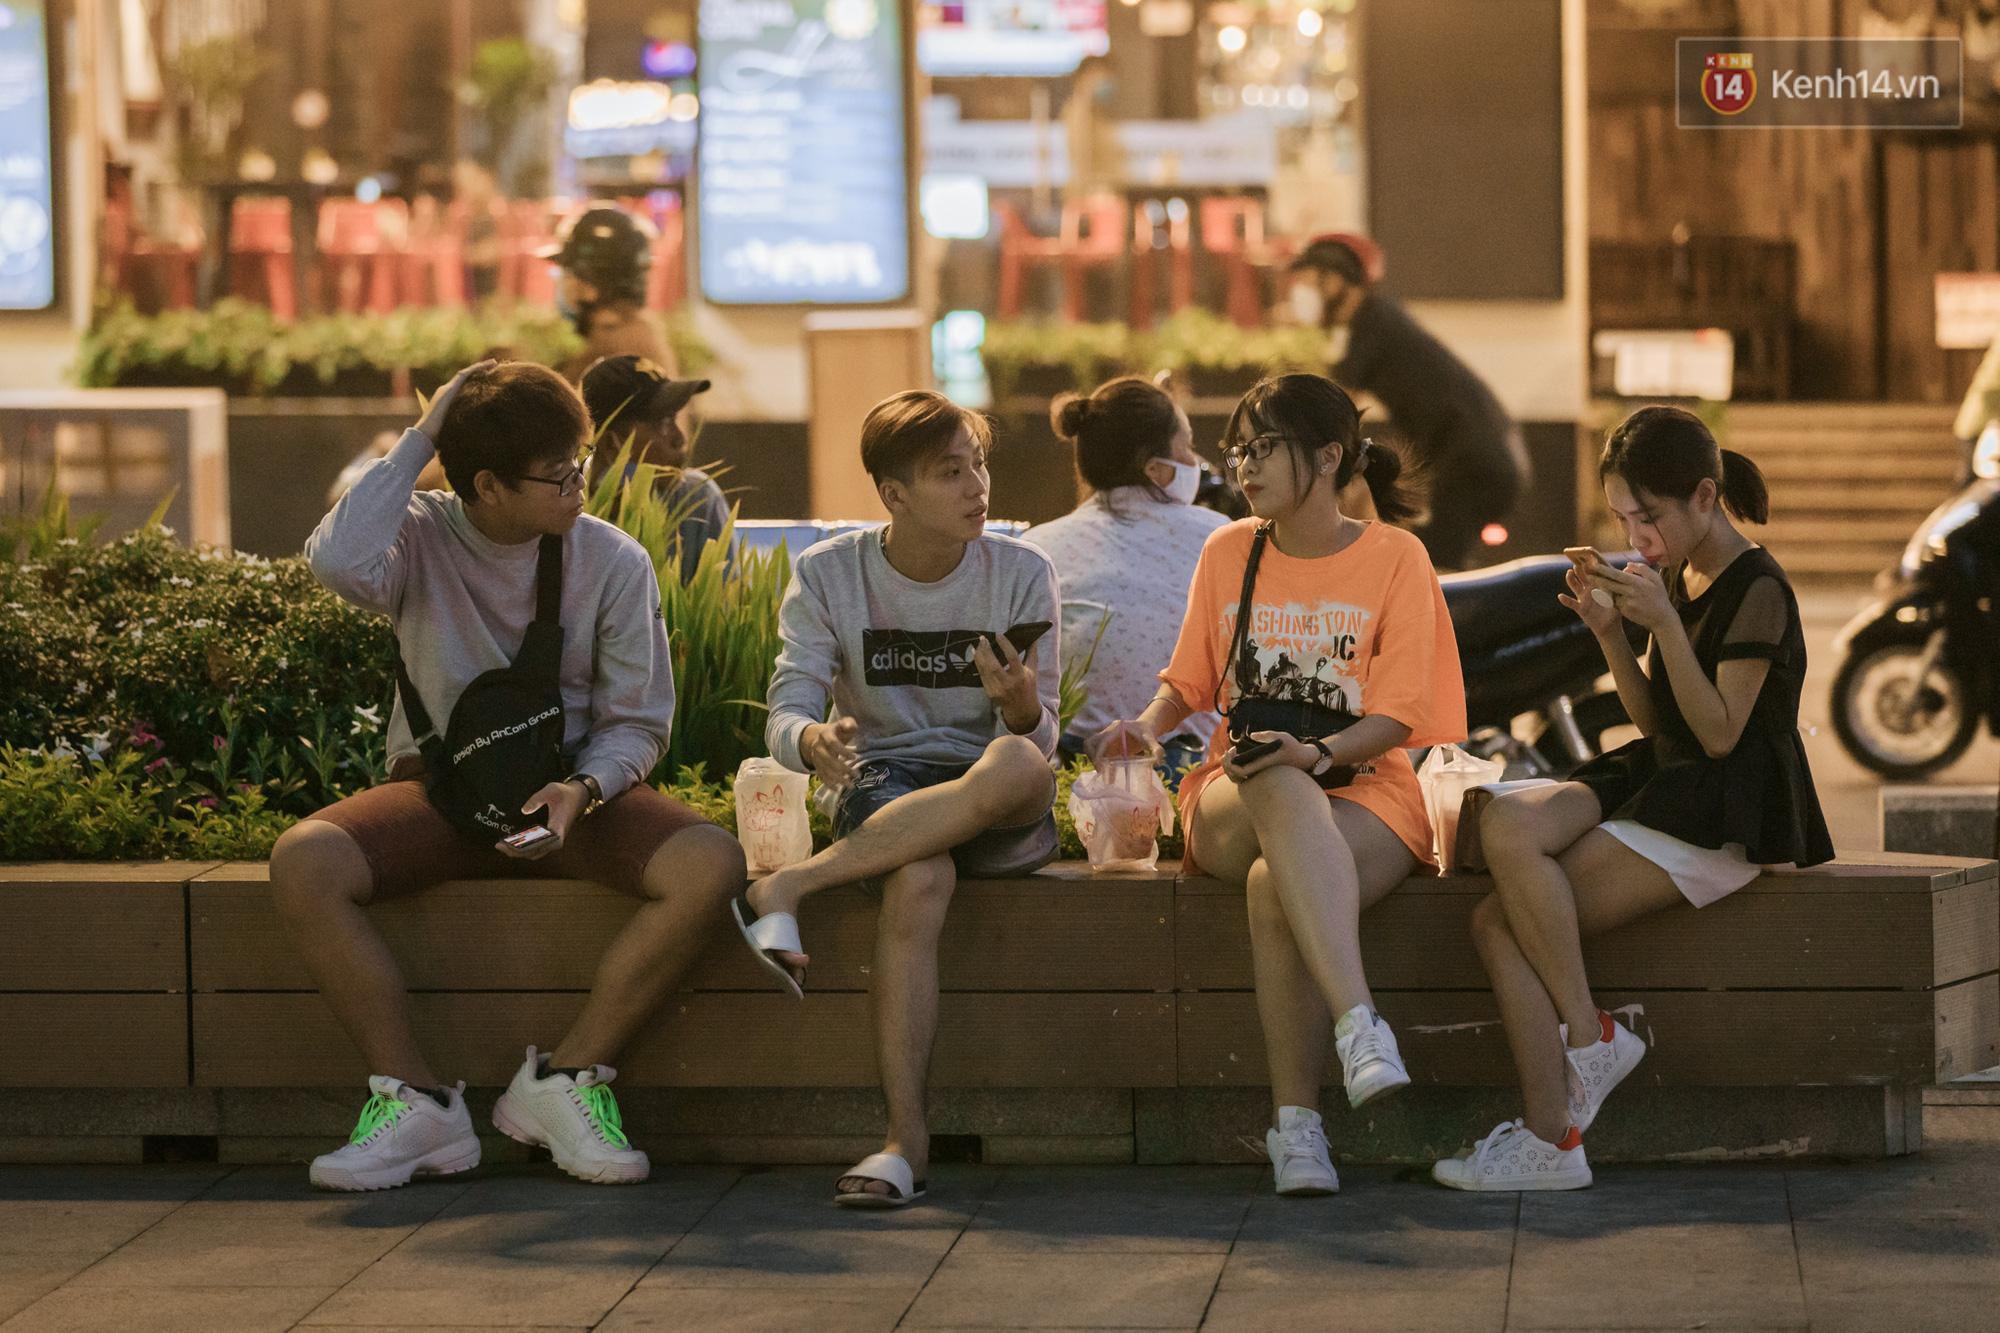 Sài Gòn nhộn nhịp trong buổi tối nghỉ lễ đầu tiên: Khu vực trung tâm dần trở nên đông đúc, nhiều người lo sợ vẫn 'kè kè' chiếc khẩu trang bên mình Ảnh 7